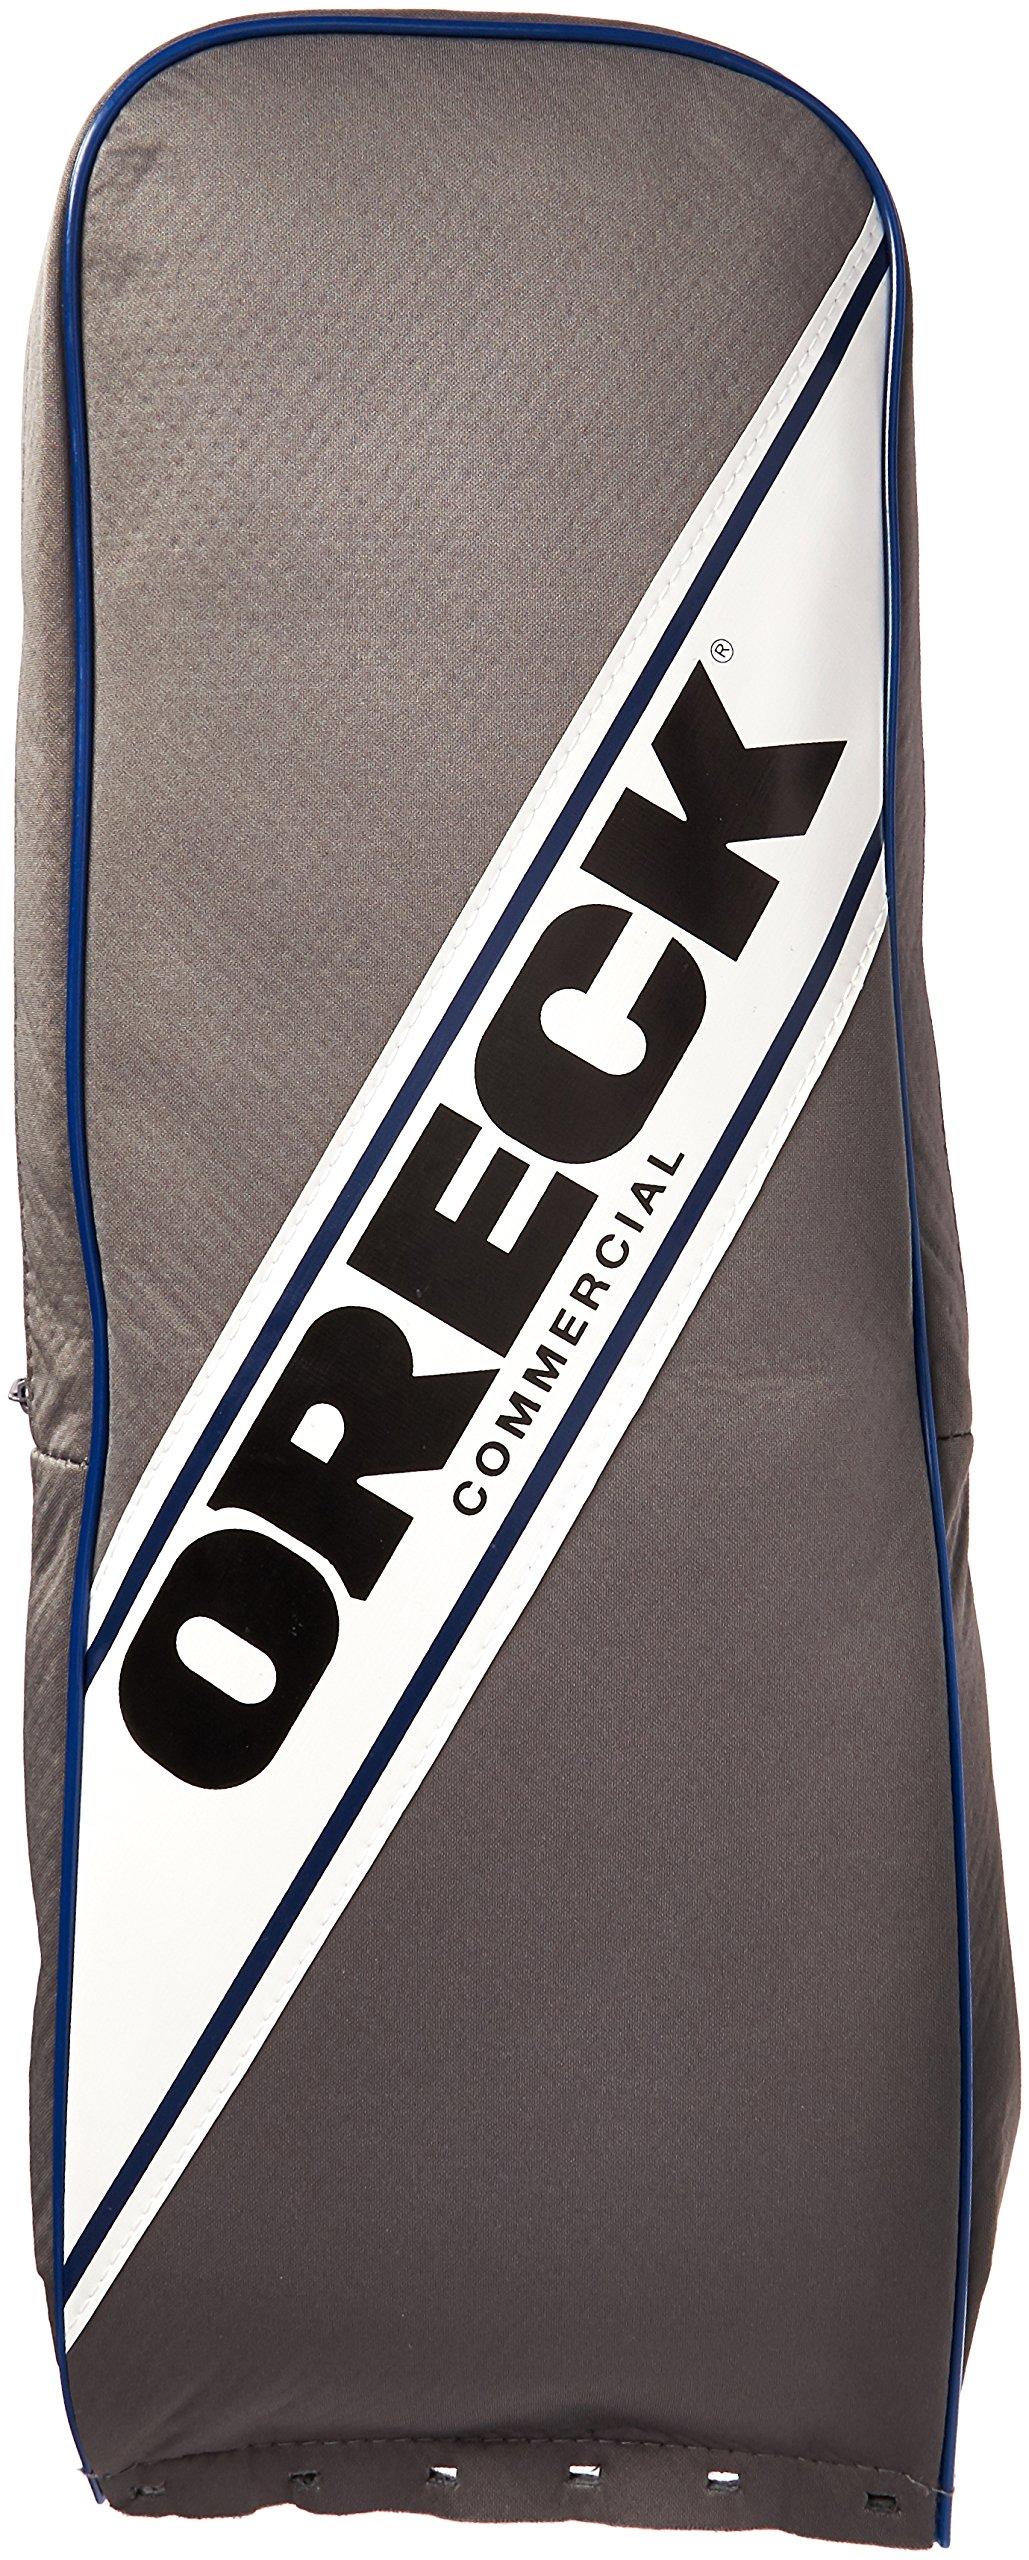 Oreck Cloth Bag, Xl2100Rh/Rs Dark Blue by Oreck